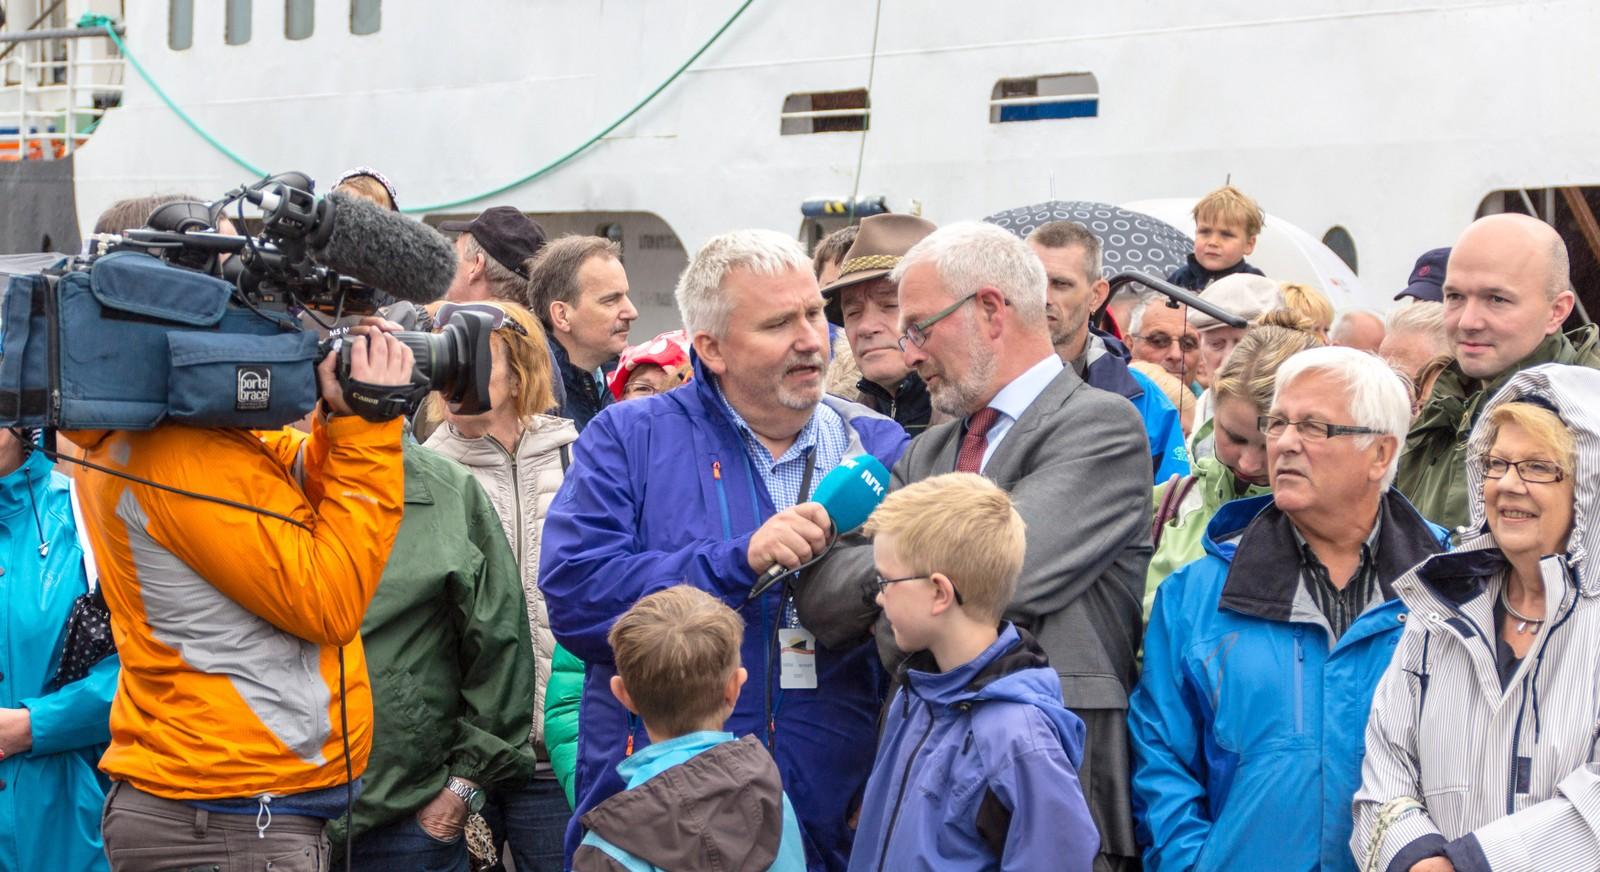 Tidligere varaordfører Knut Fagerbakke i Trondheim blir intervjuet av Tom Erik Sørensen